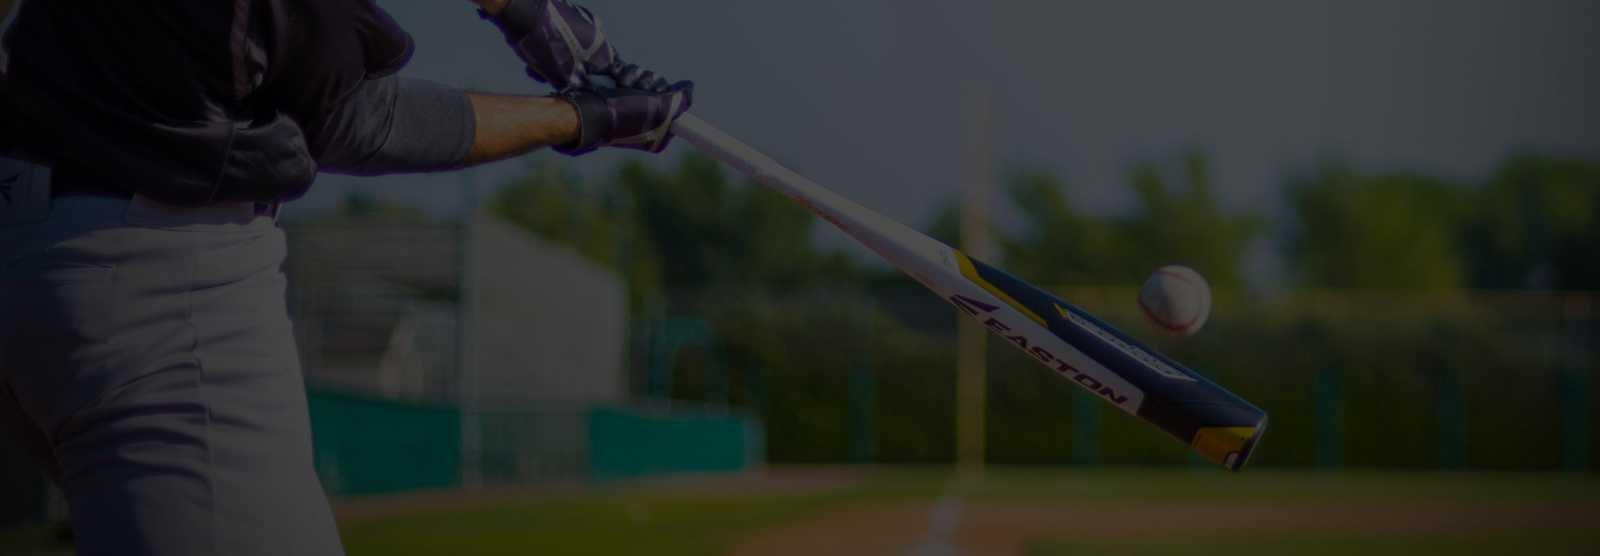 Easton-Elite-Teams-Baseball